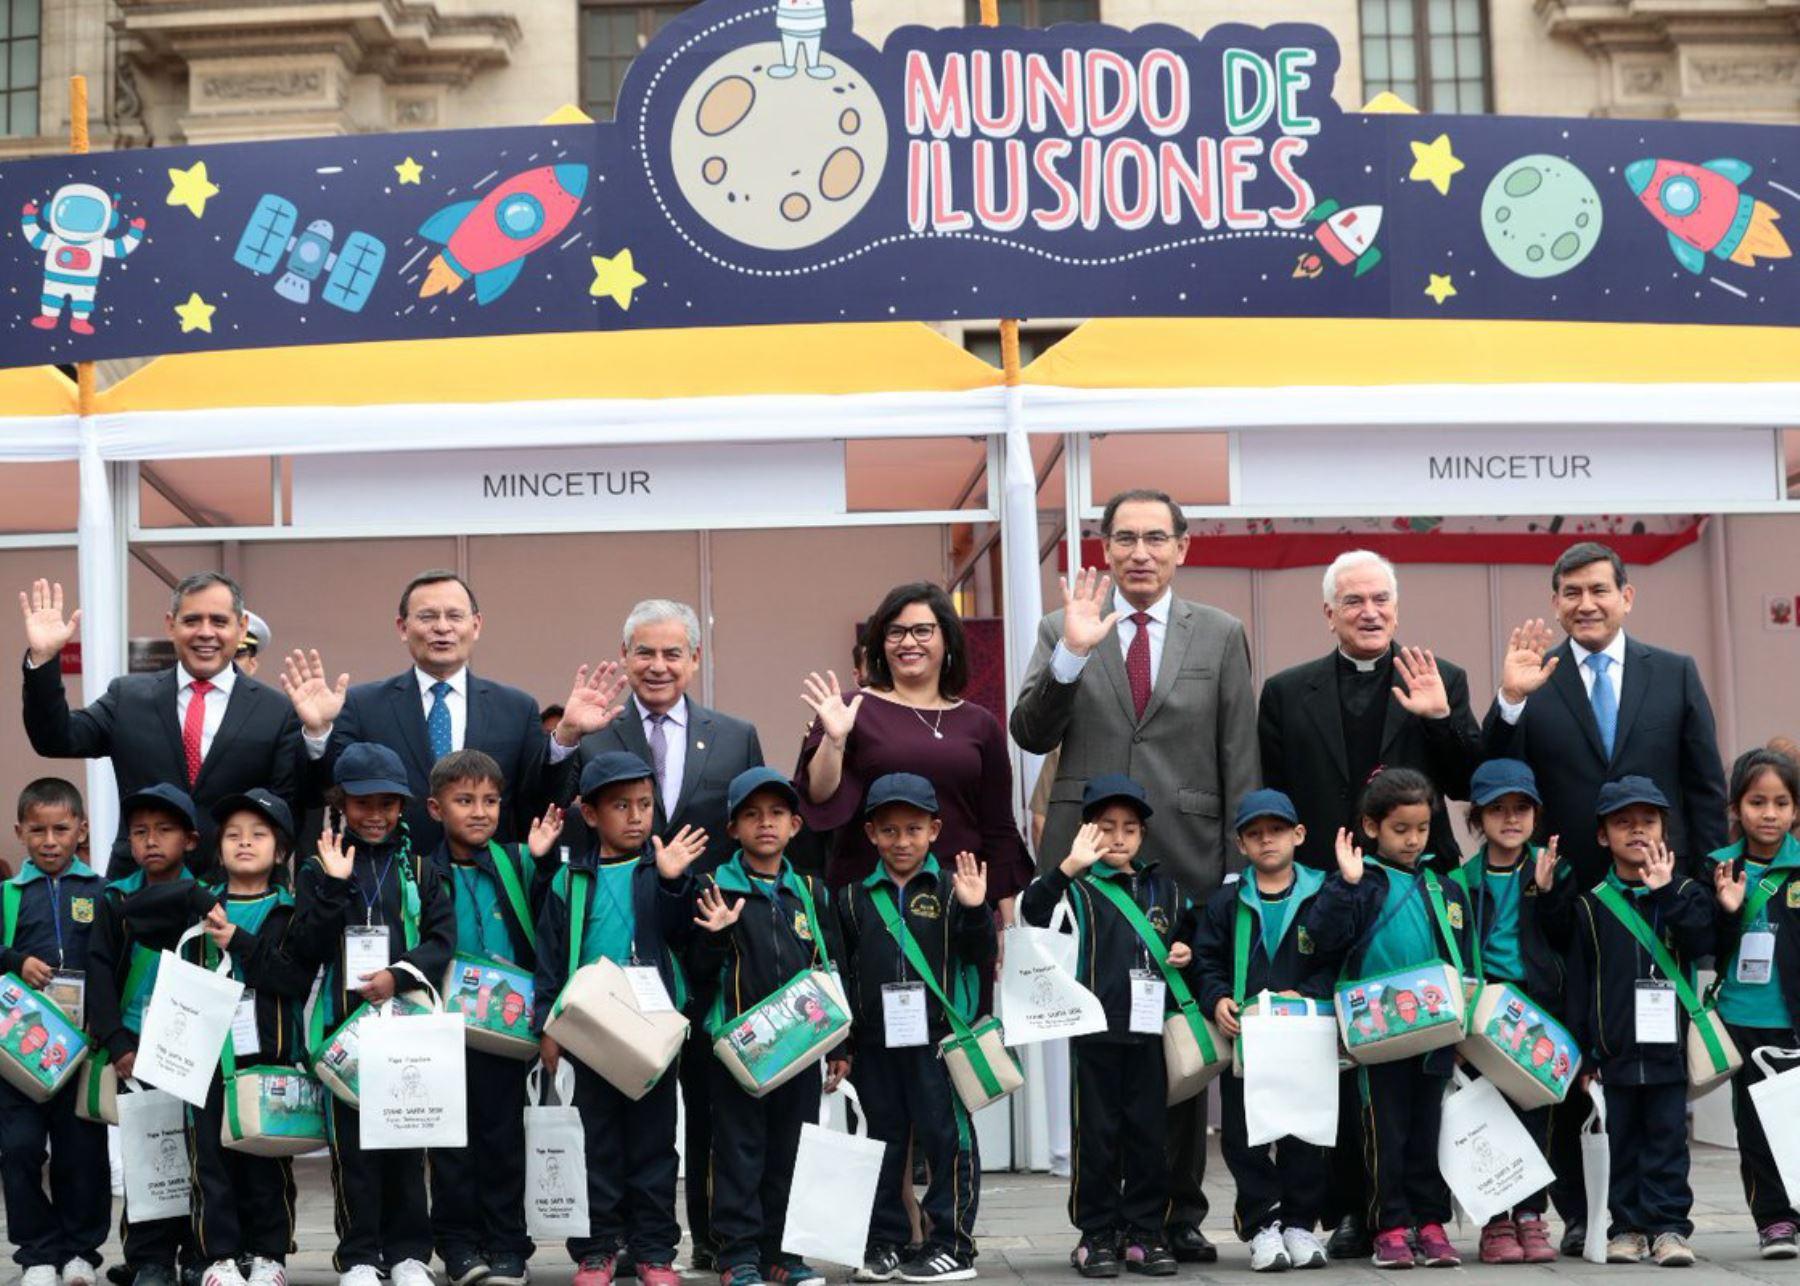 """Presidente Martín Vizcarra inauguró feria """"Mundo de ilusiones"""", en Palacio de Gobierno."""